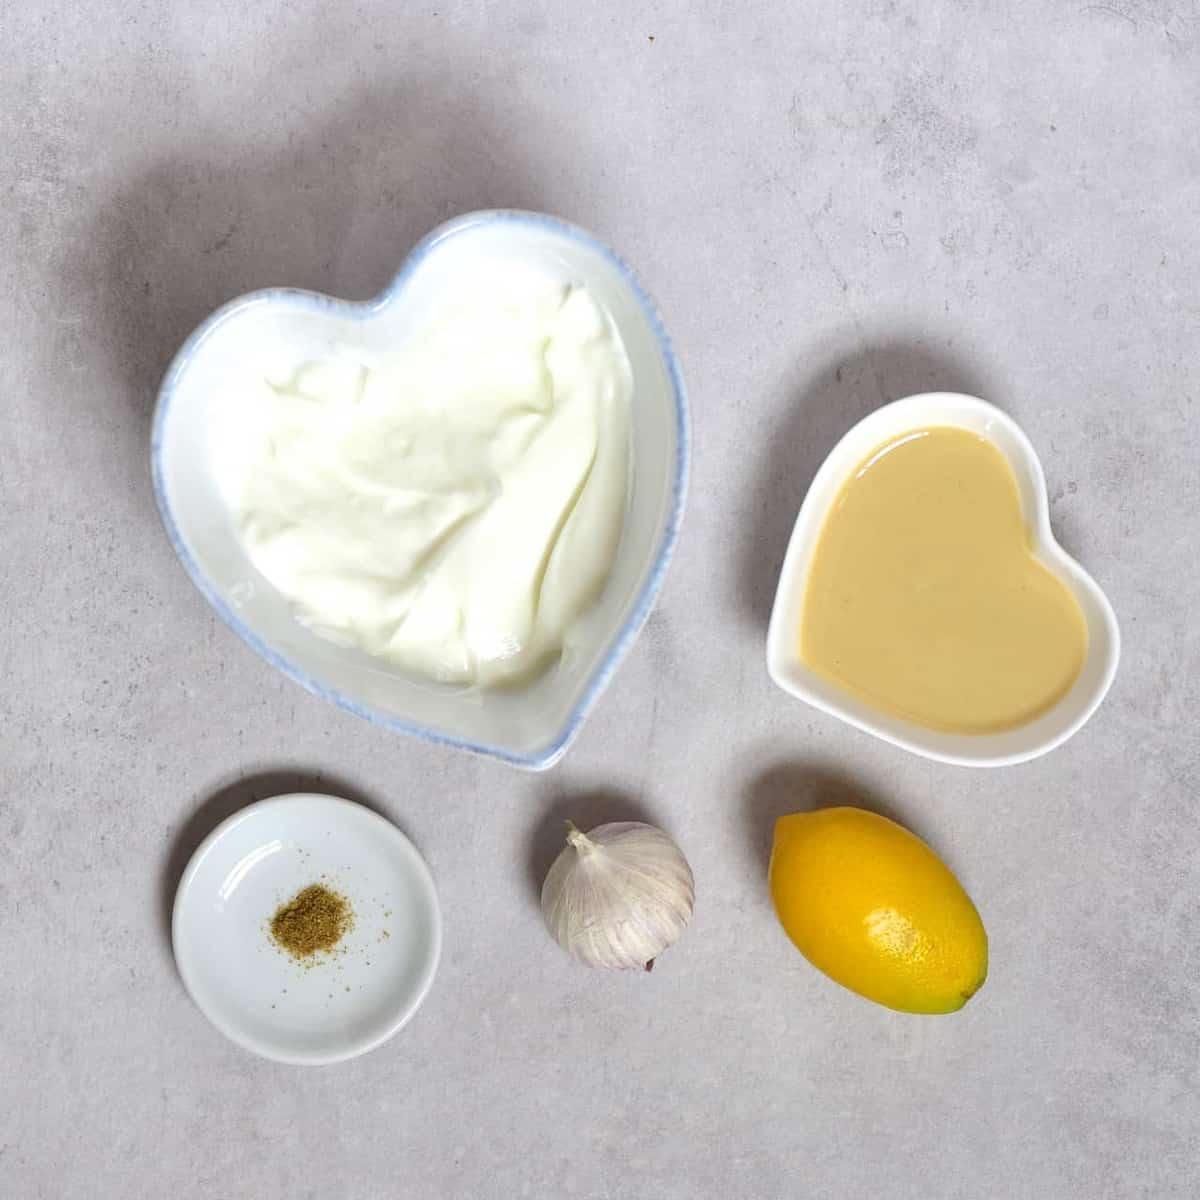 Ingredients for homemade yogurt vegan tahini dip